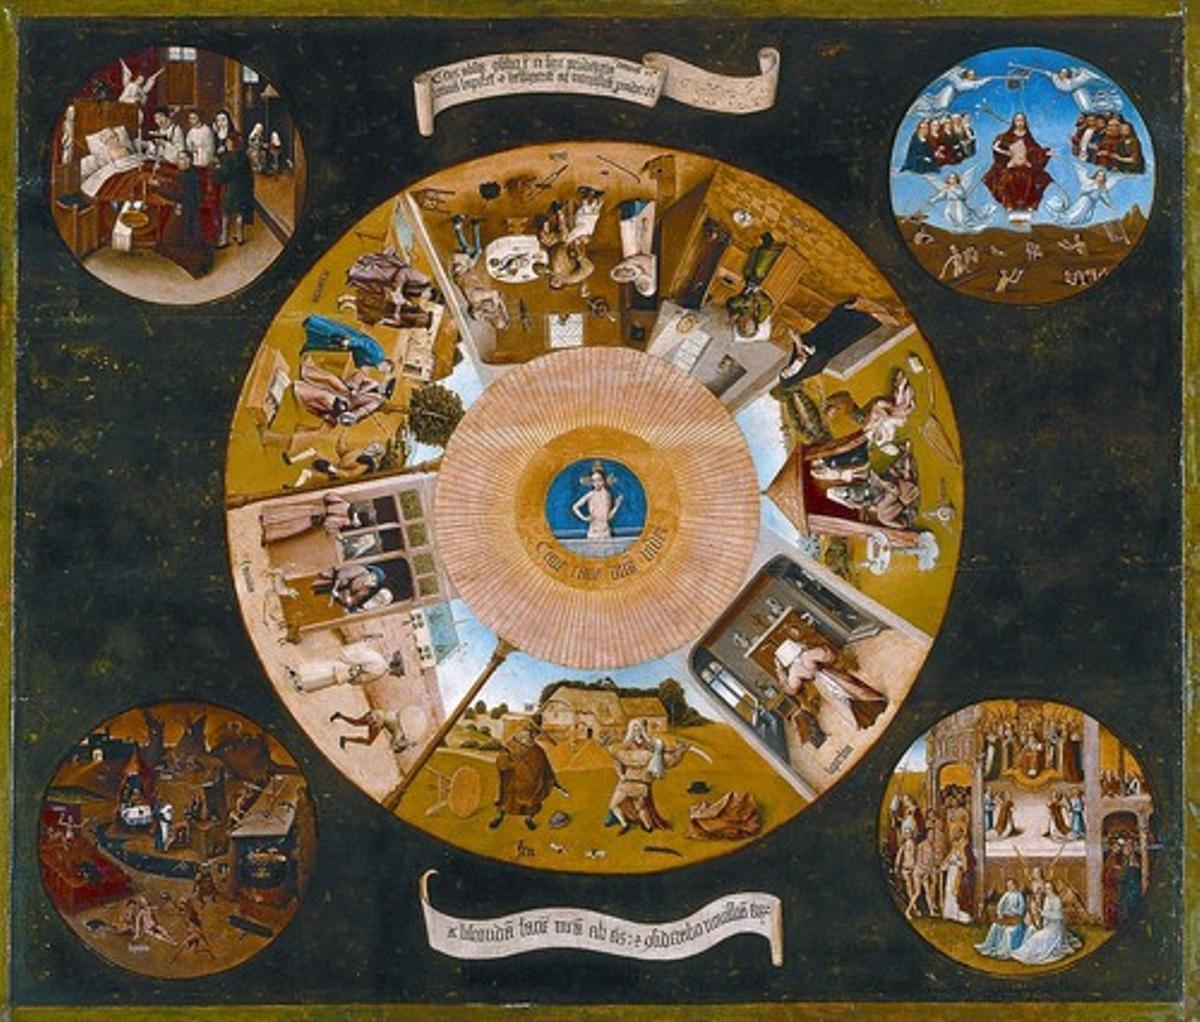 Los 7 pecados capitales representados en un óleo sobre tabla del siglo XV.